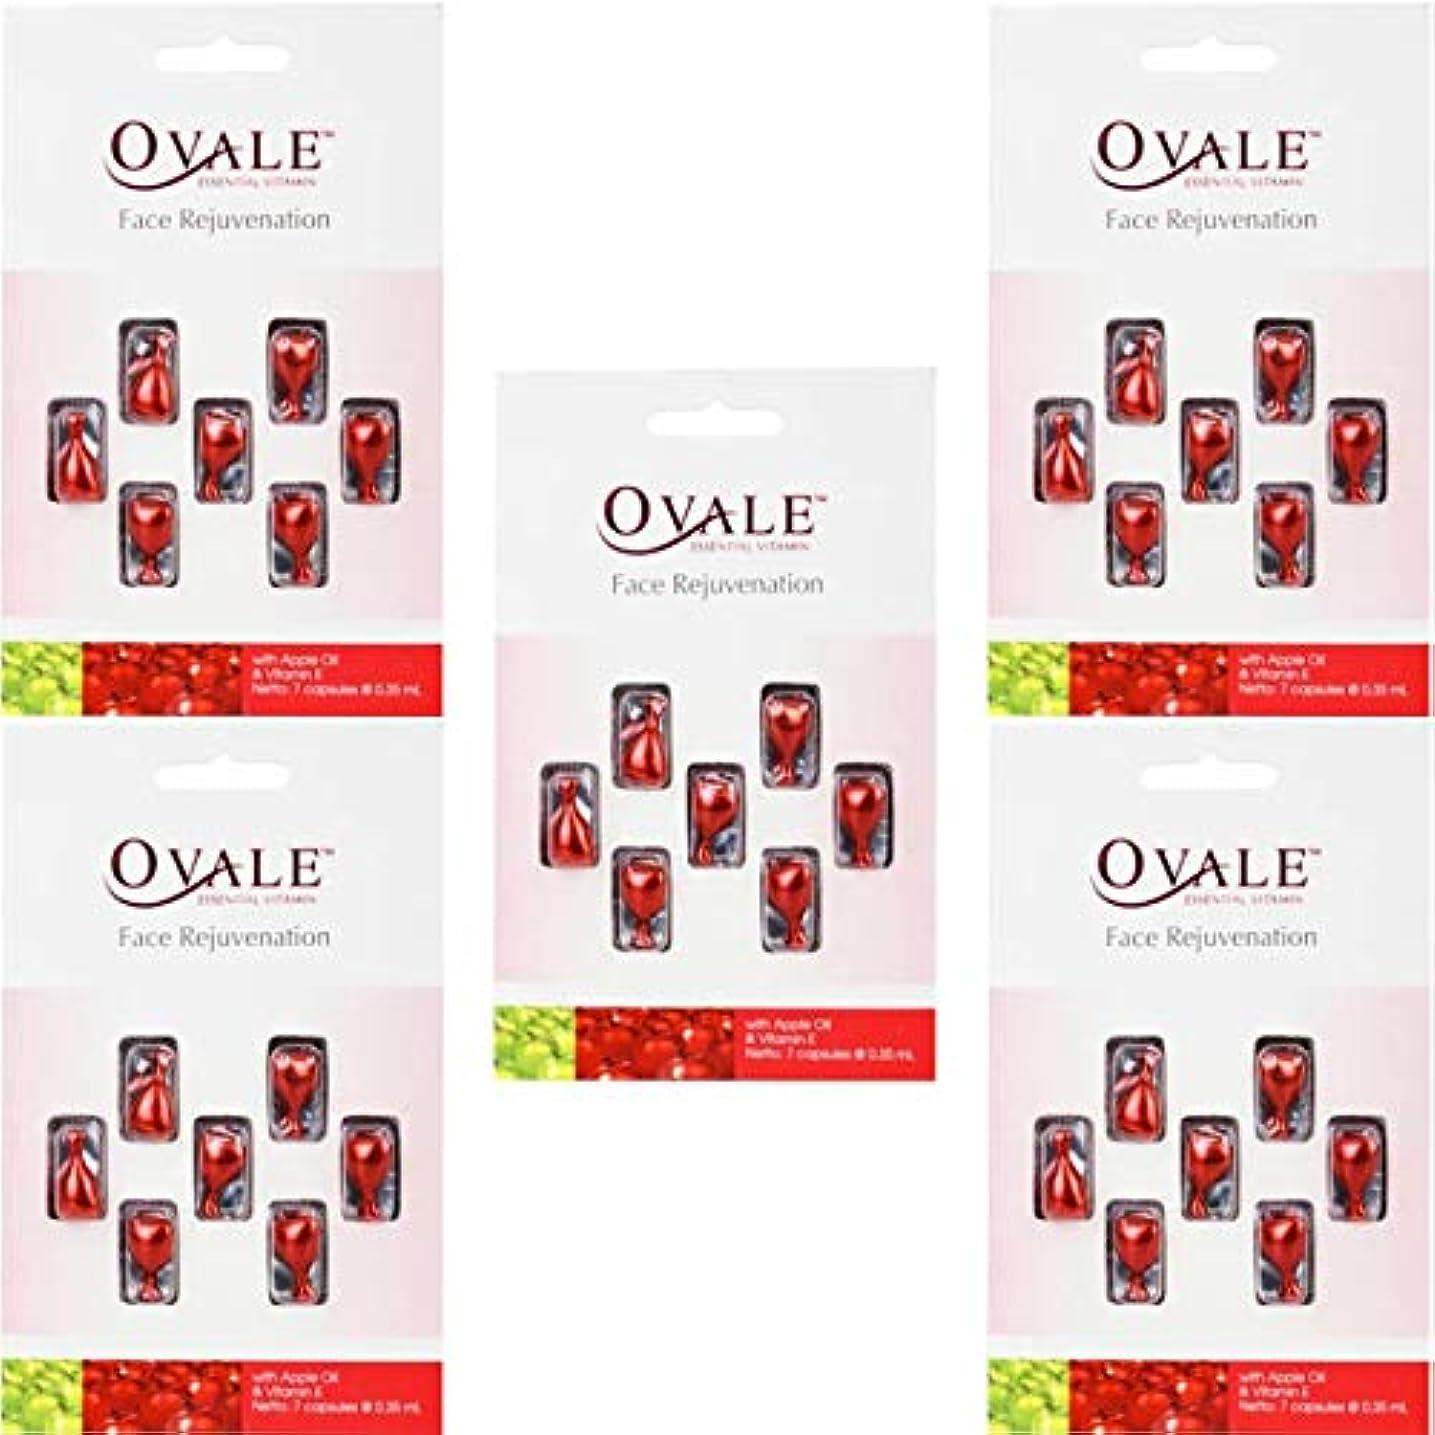 スワップアロングローマ人Ovale オーバル フェイシャル美容液 essential vitamin エッセンシャルビタミン 7粒入シート×5枚セット アップル [海外直送品]